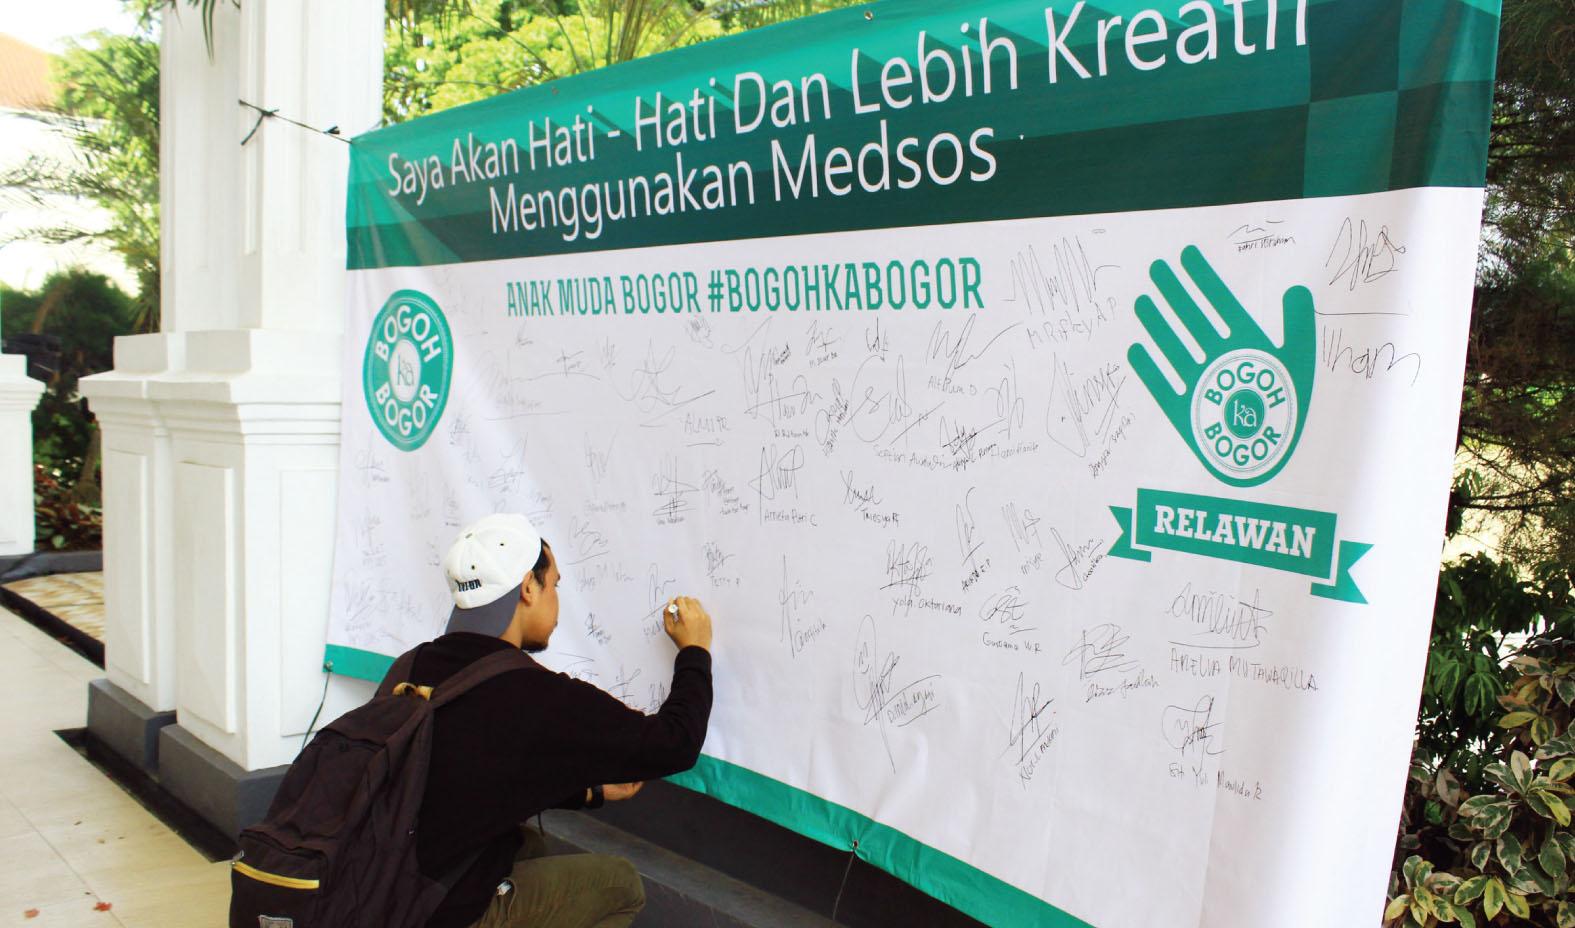 KOMITMEN: Seorang remaja sedang menandatangani poster yang berisi tagline ''Saya akan hati-hati dalam menggunakan media sosial. FOTO : Maya / Radar Bogor.